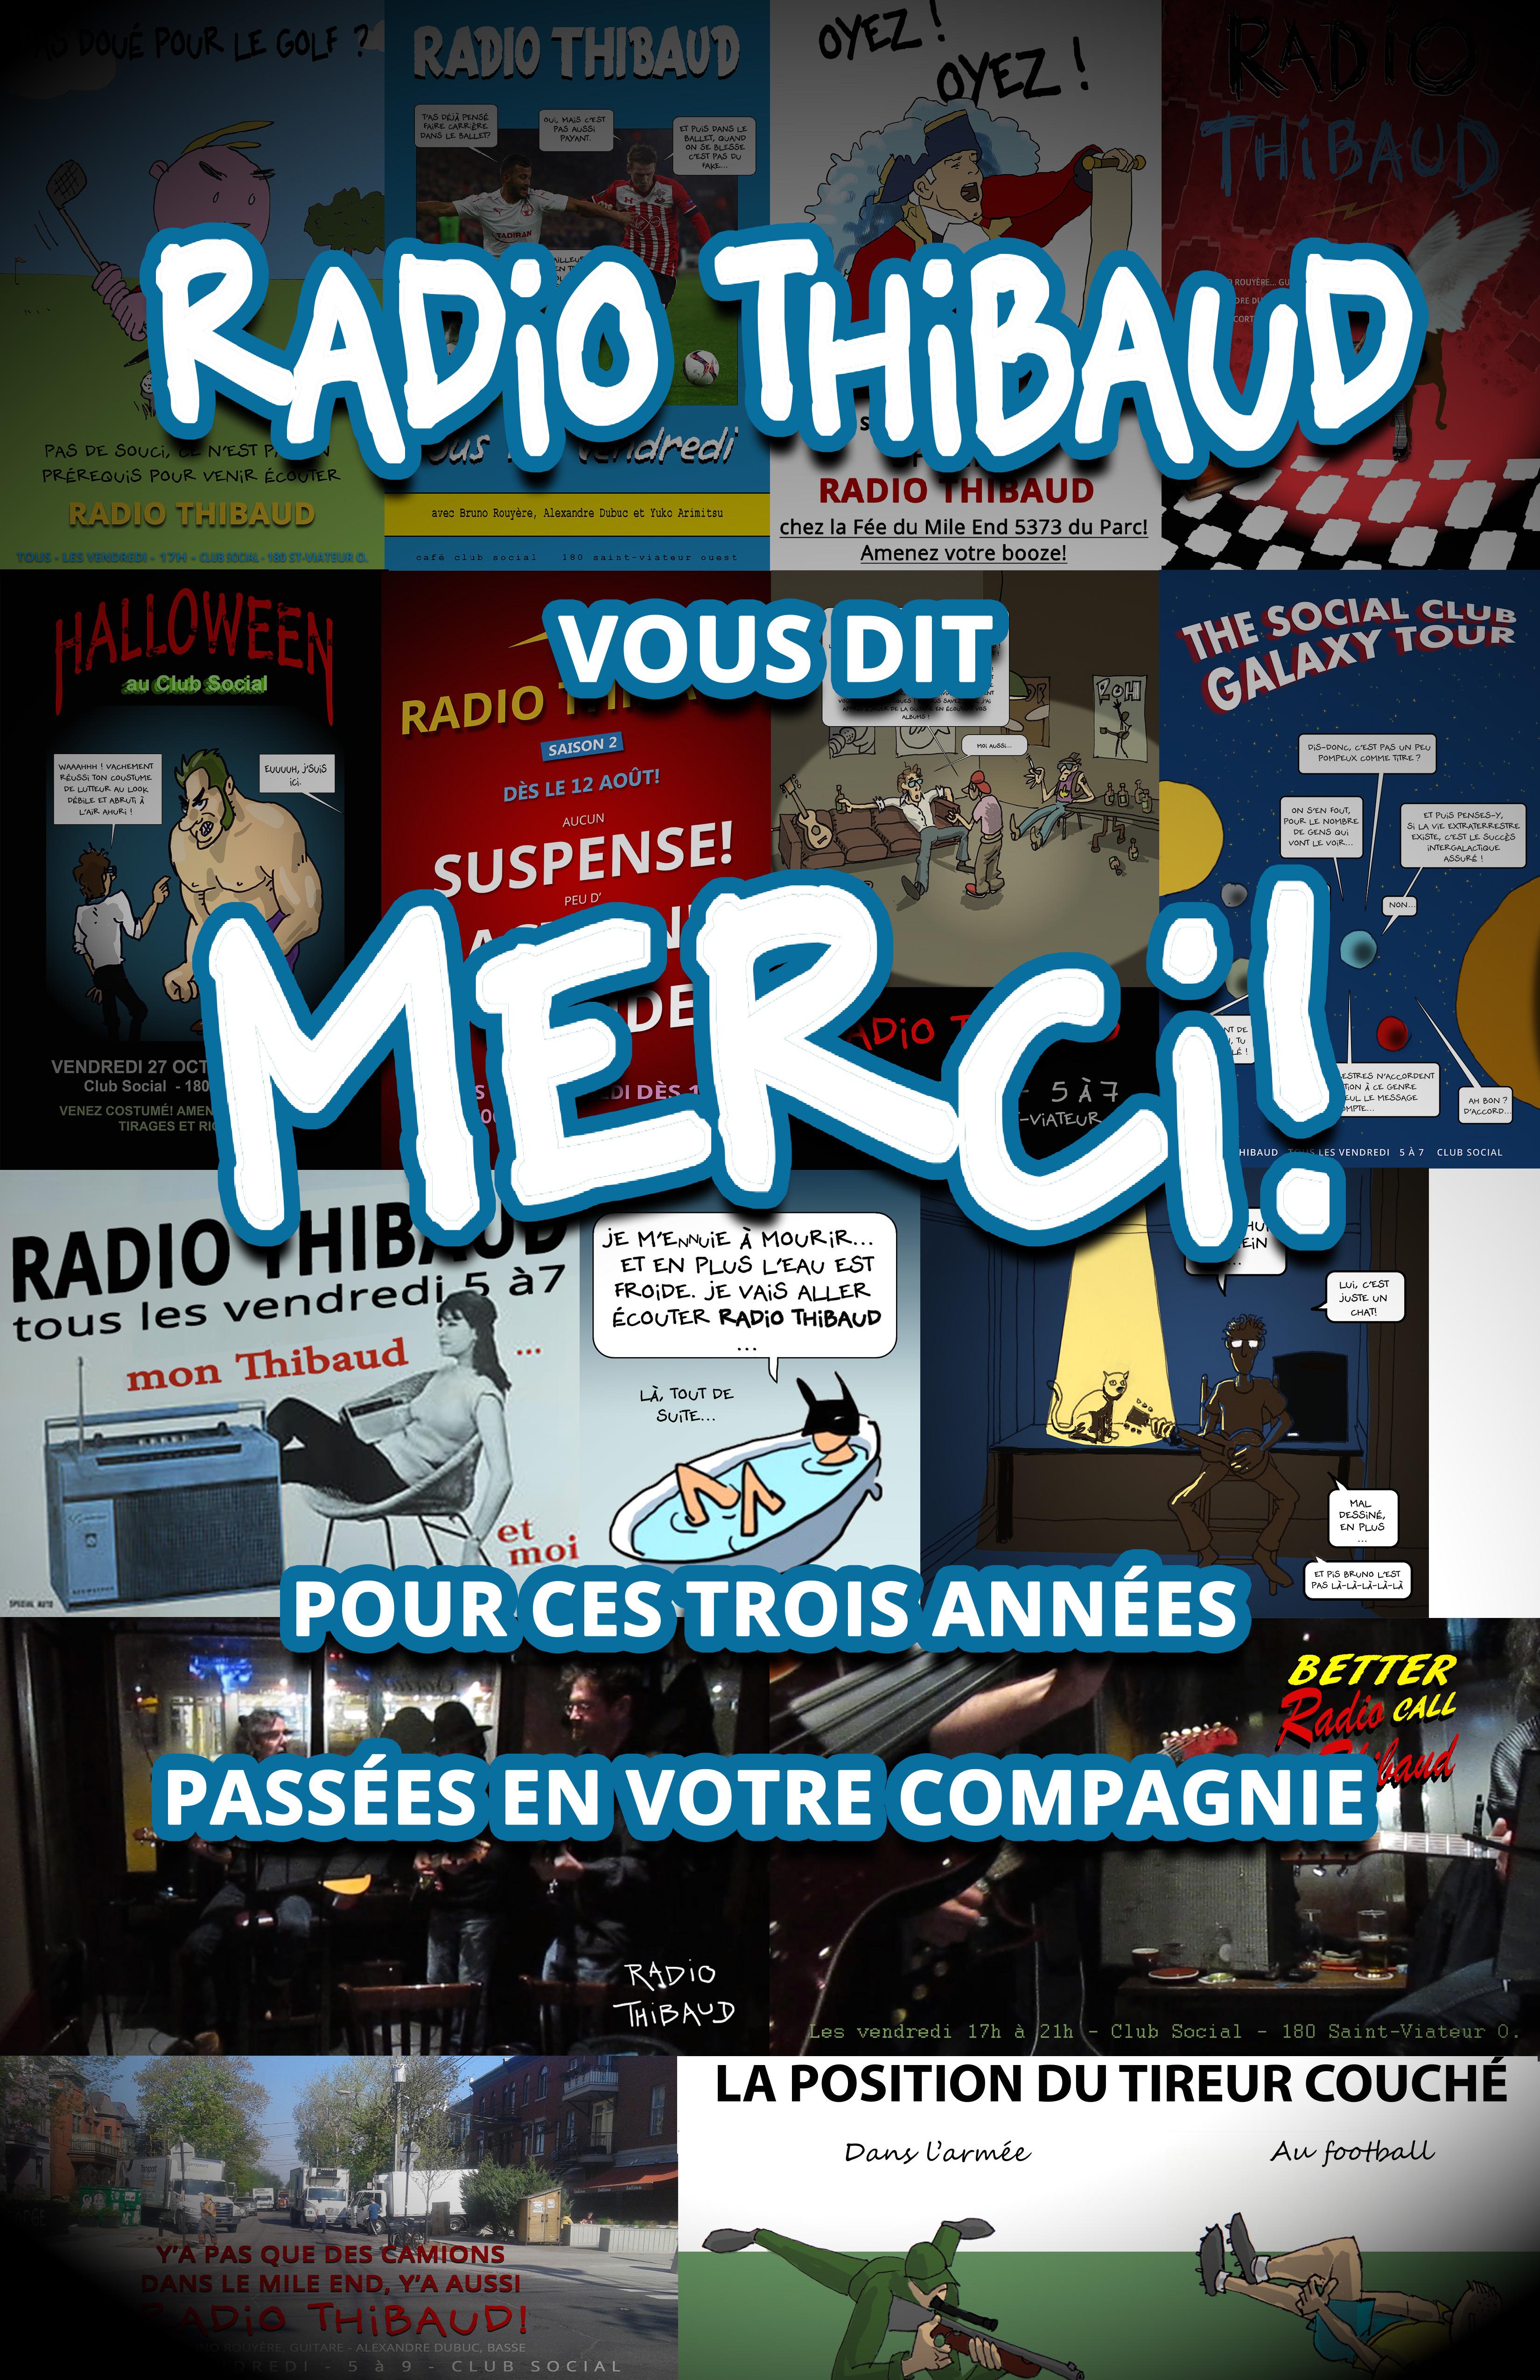 Radio Thibaud